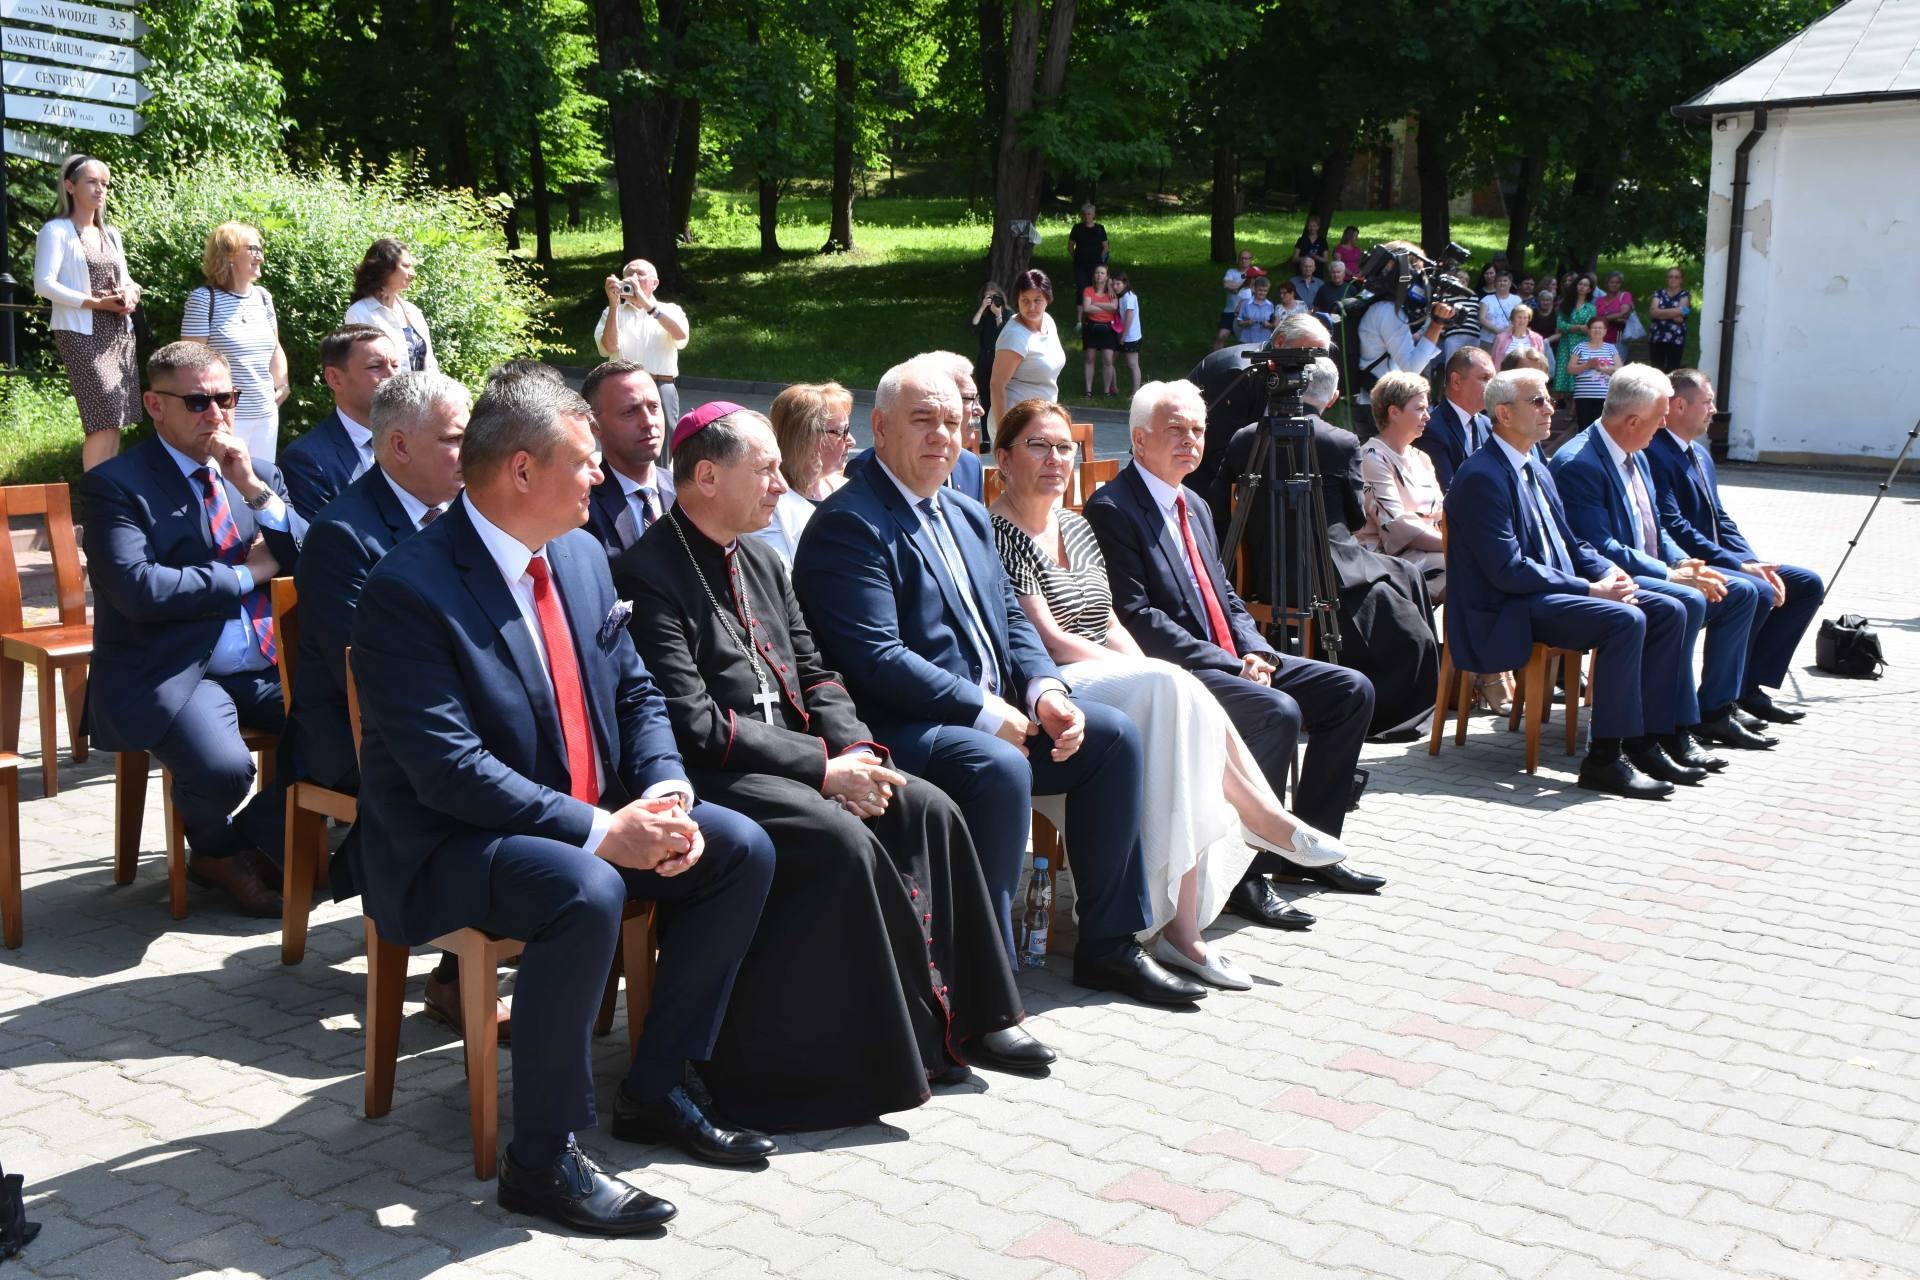 dsc 7436 Za 80 mln zł rozbudowane zostanie sanatorium w Krasnobrodzie.